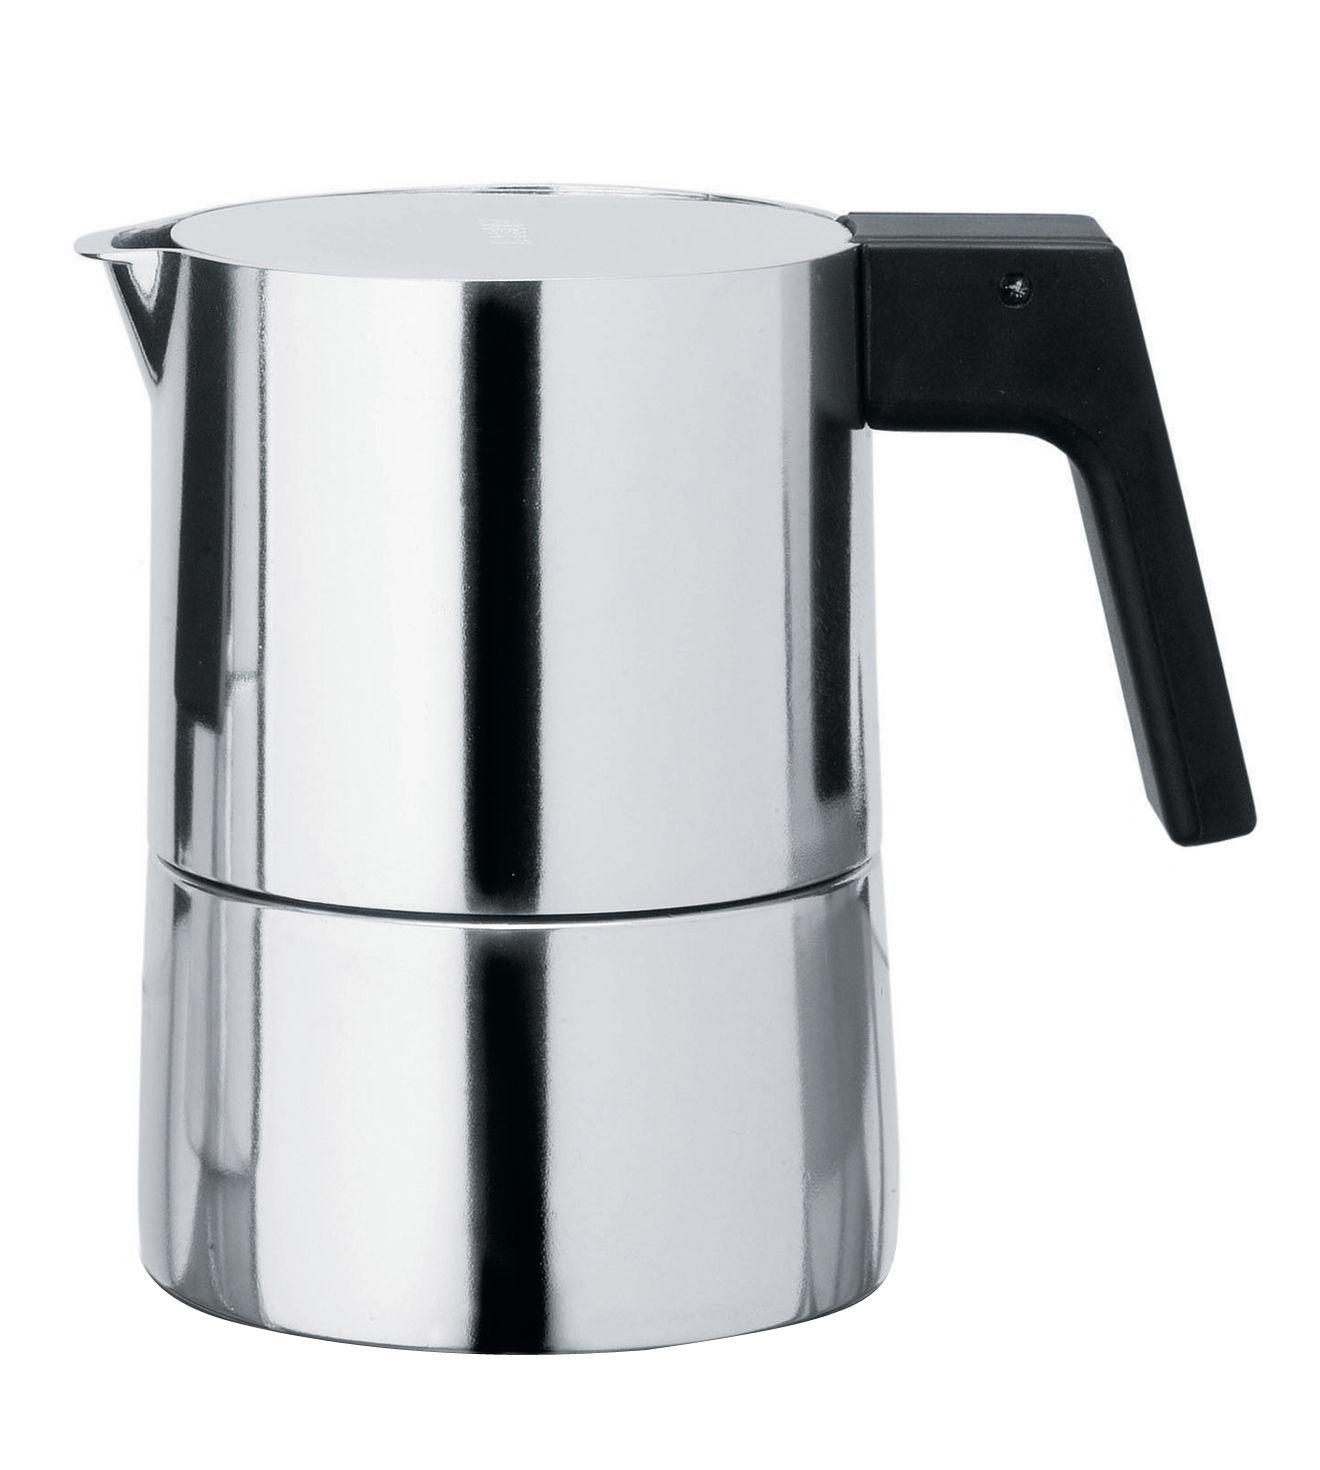 Tischkultur - Tee und Kaffee - Pina italienischer Kaffeebereiter 3 Tassen - Alessi - 3 Tassen - Bakelit, Gussaluminium